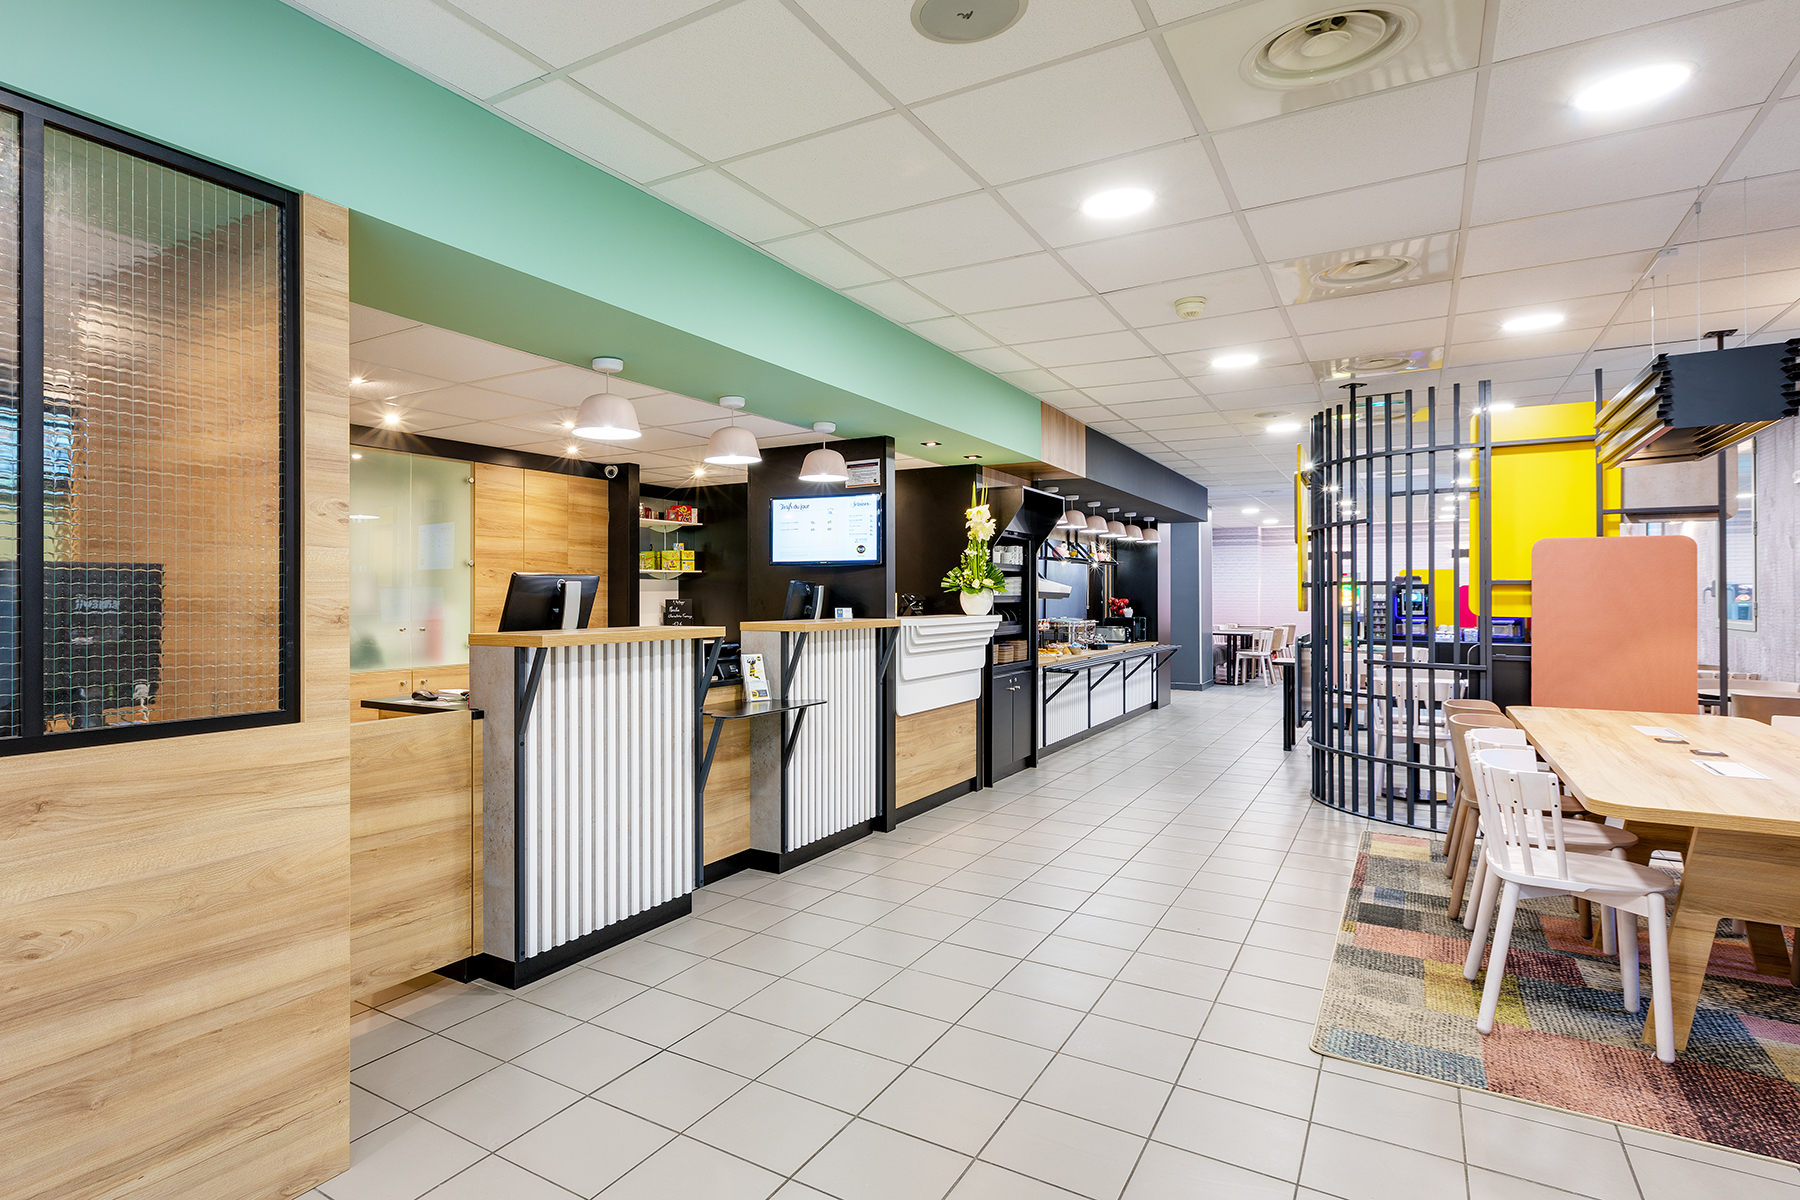 Architecte D Intérieur Lille entreprises et commerces | thomas karges - photographe à lille